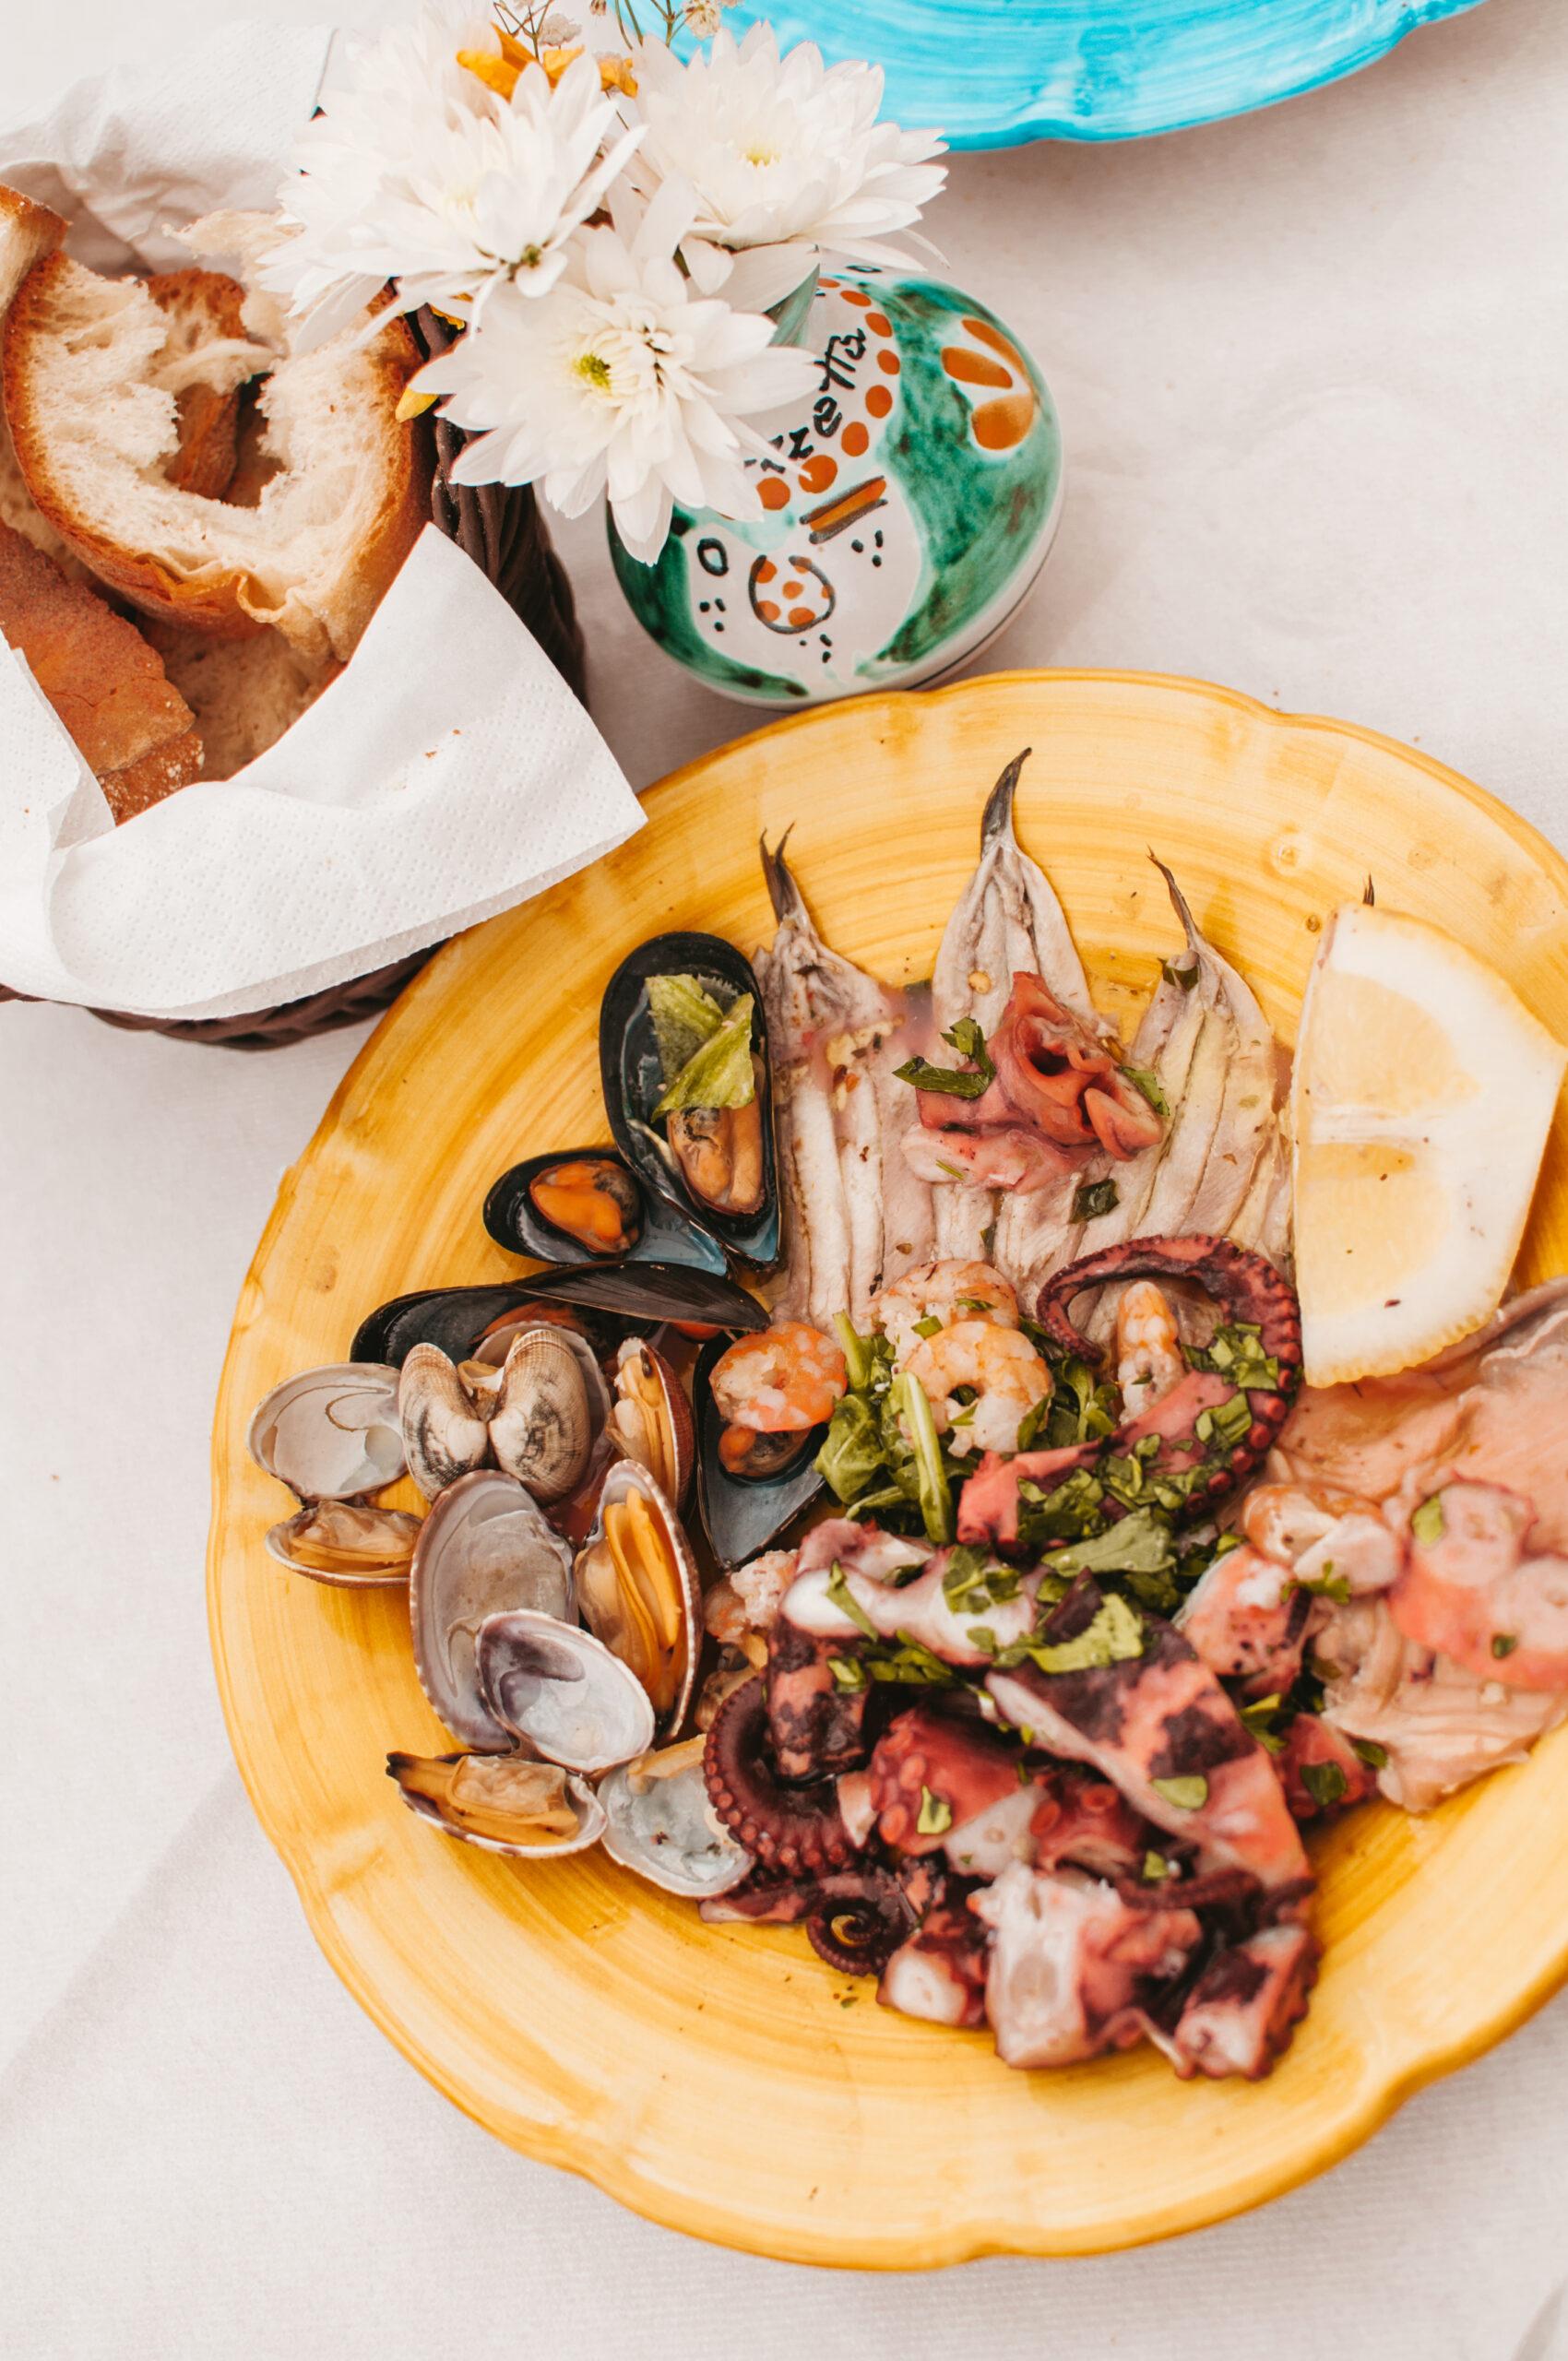 italy what to eat, positano gdzie zjesc, amalfi gdzie zjesc, owoce morza, sałatka, ośmiornice, małże